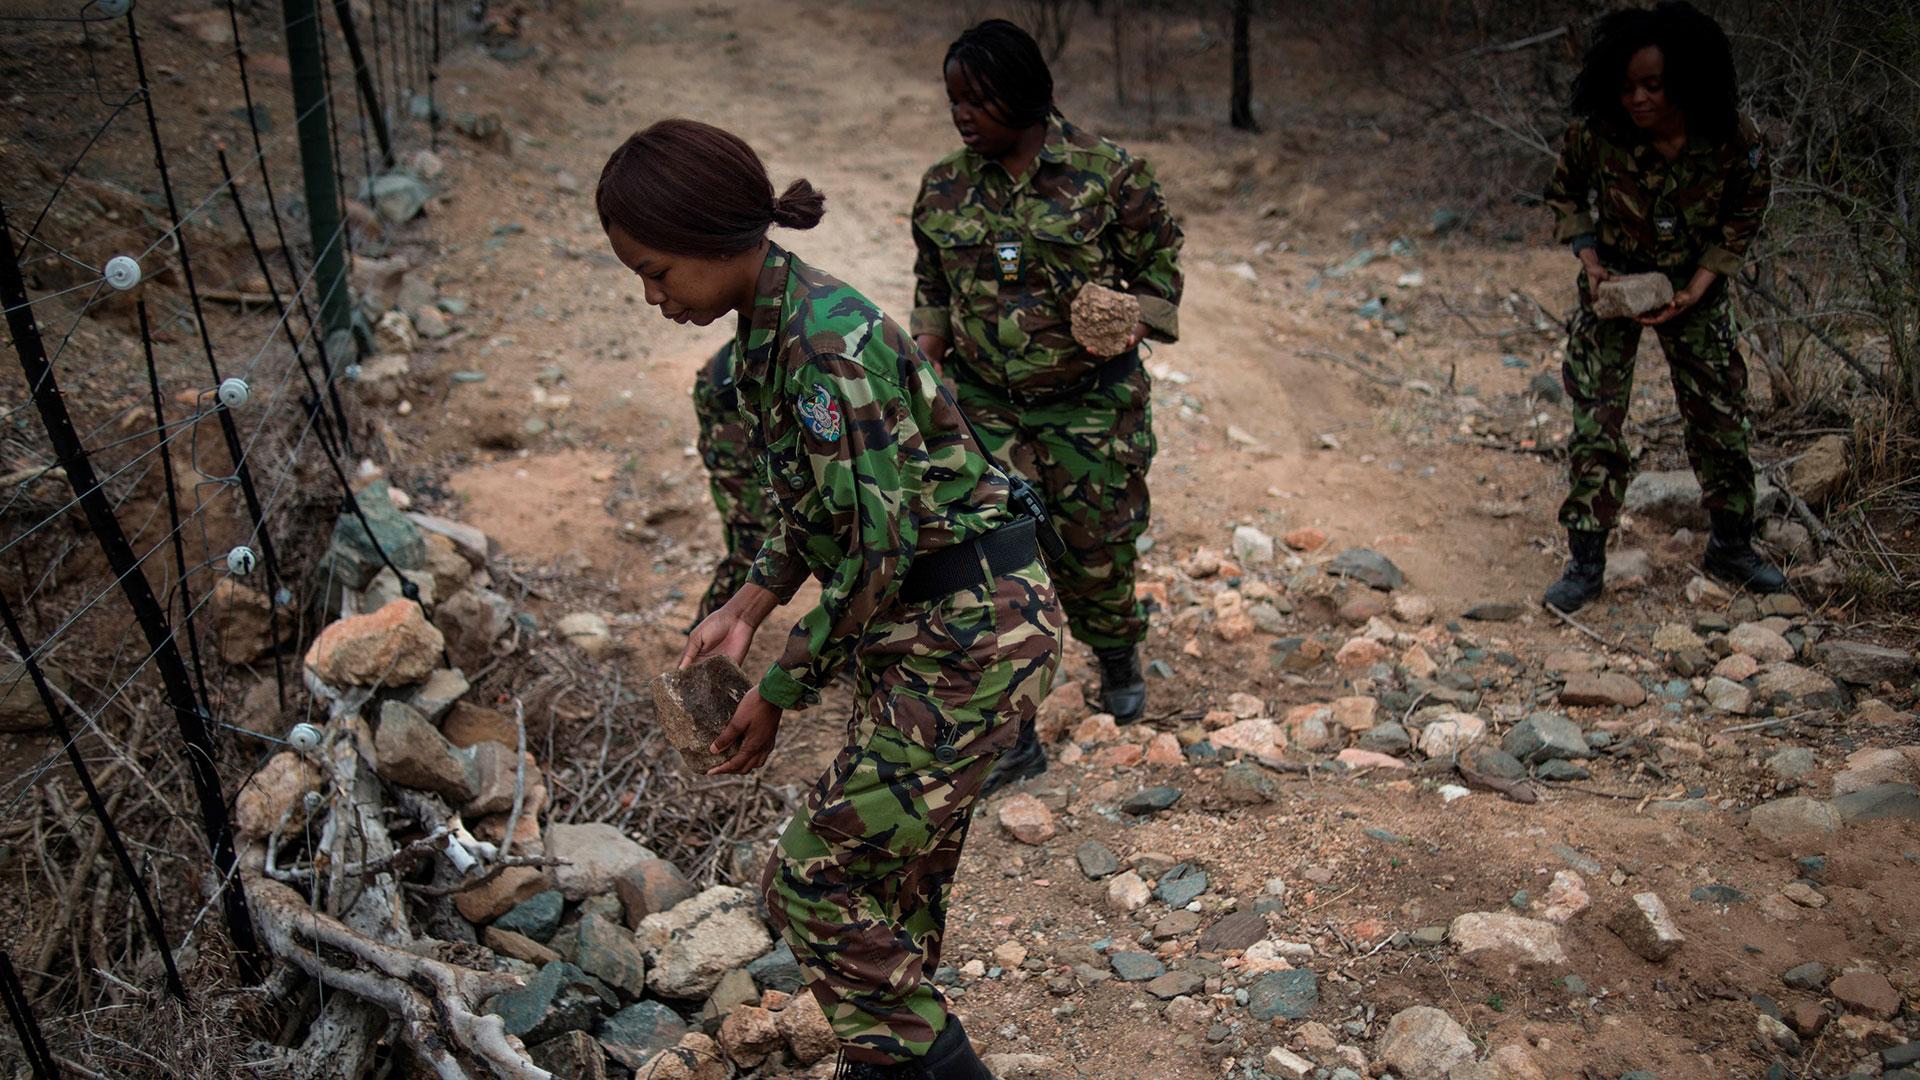 Las Black Mambas, patrullando las vallas que protegen la reserva natural de rinocerontes (AFP)